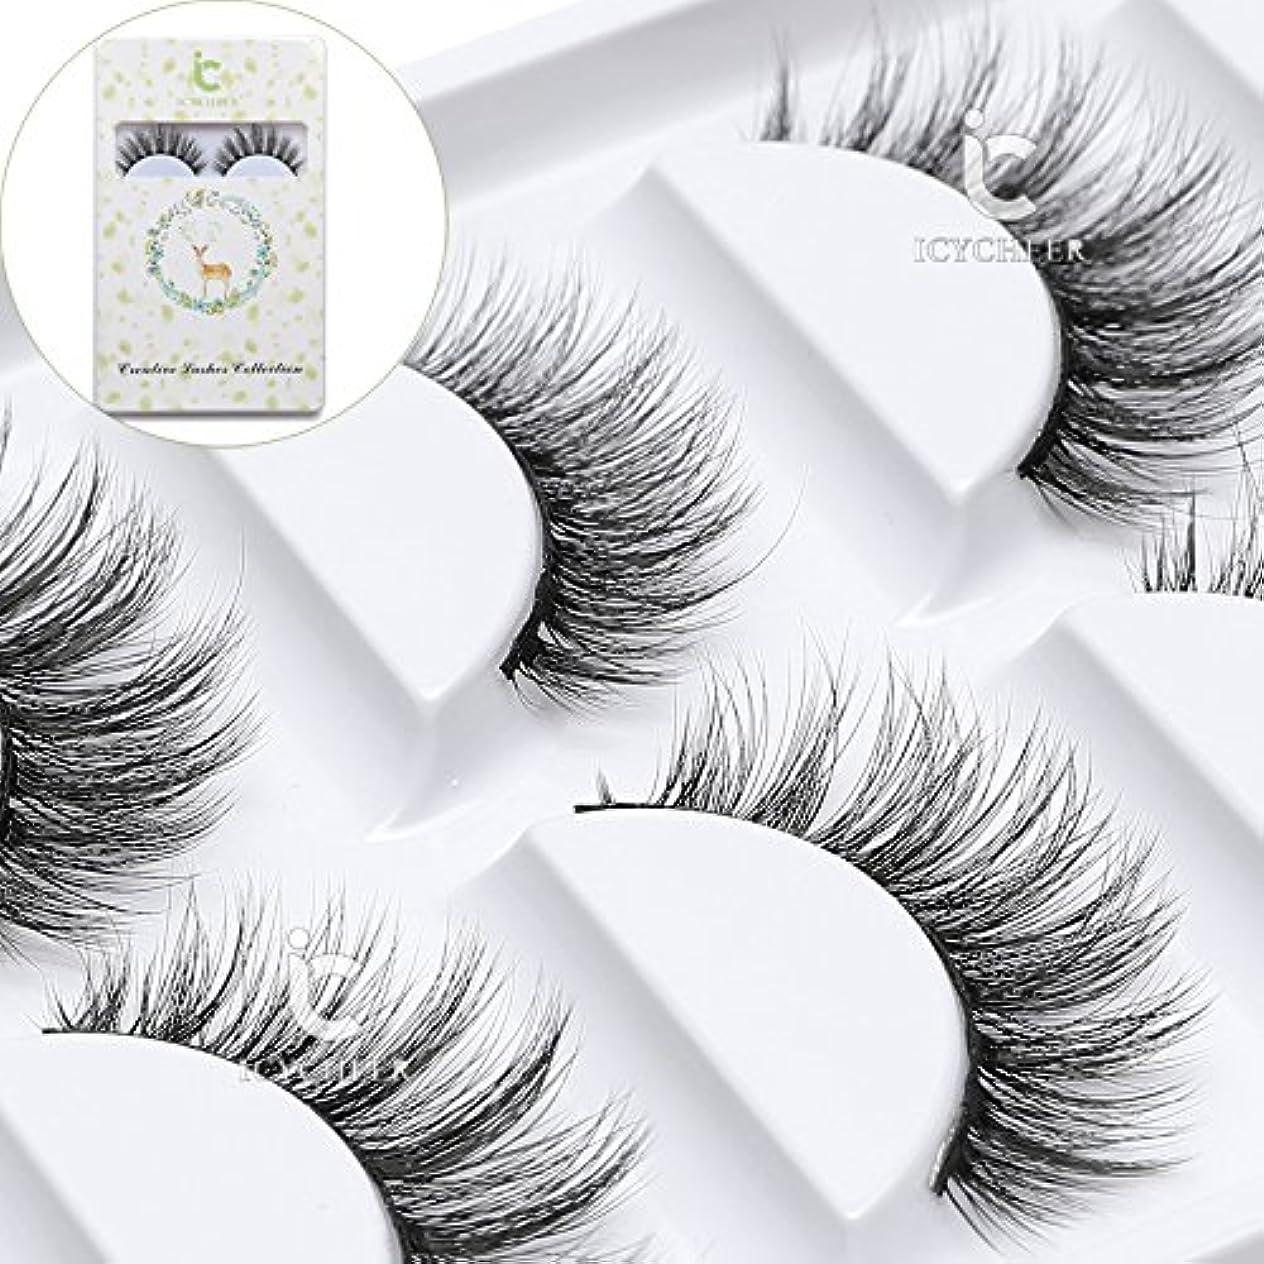 ICYCHEER メイク化粧品5 pairsリアルミンク3dつけまつげ100%シベリアミンクの毛皮natuarl長い厚い偽まつげ手作り